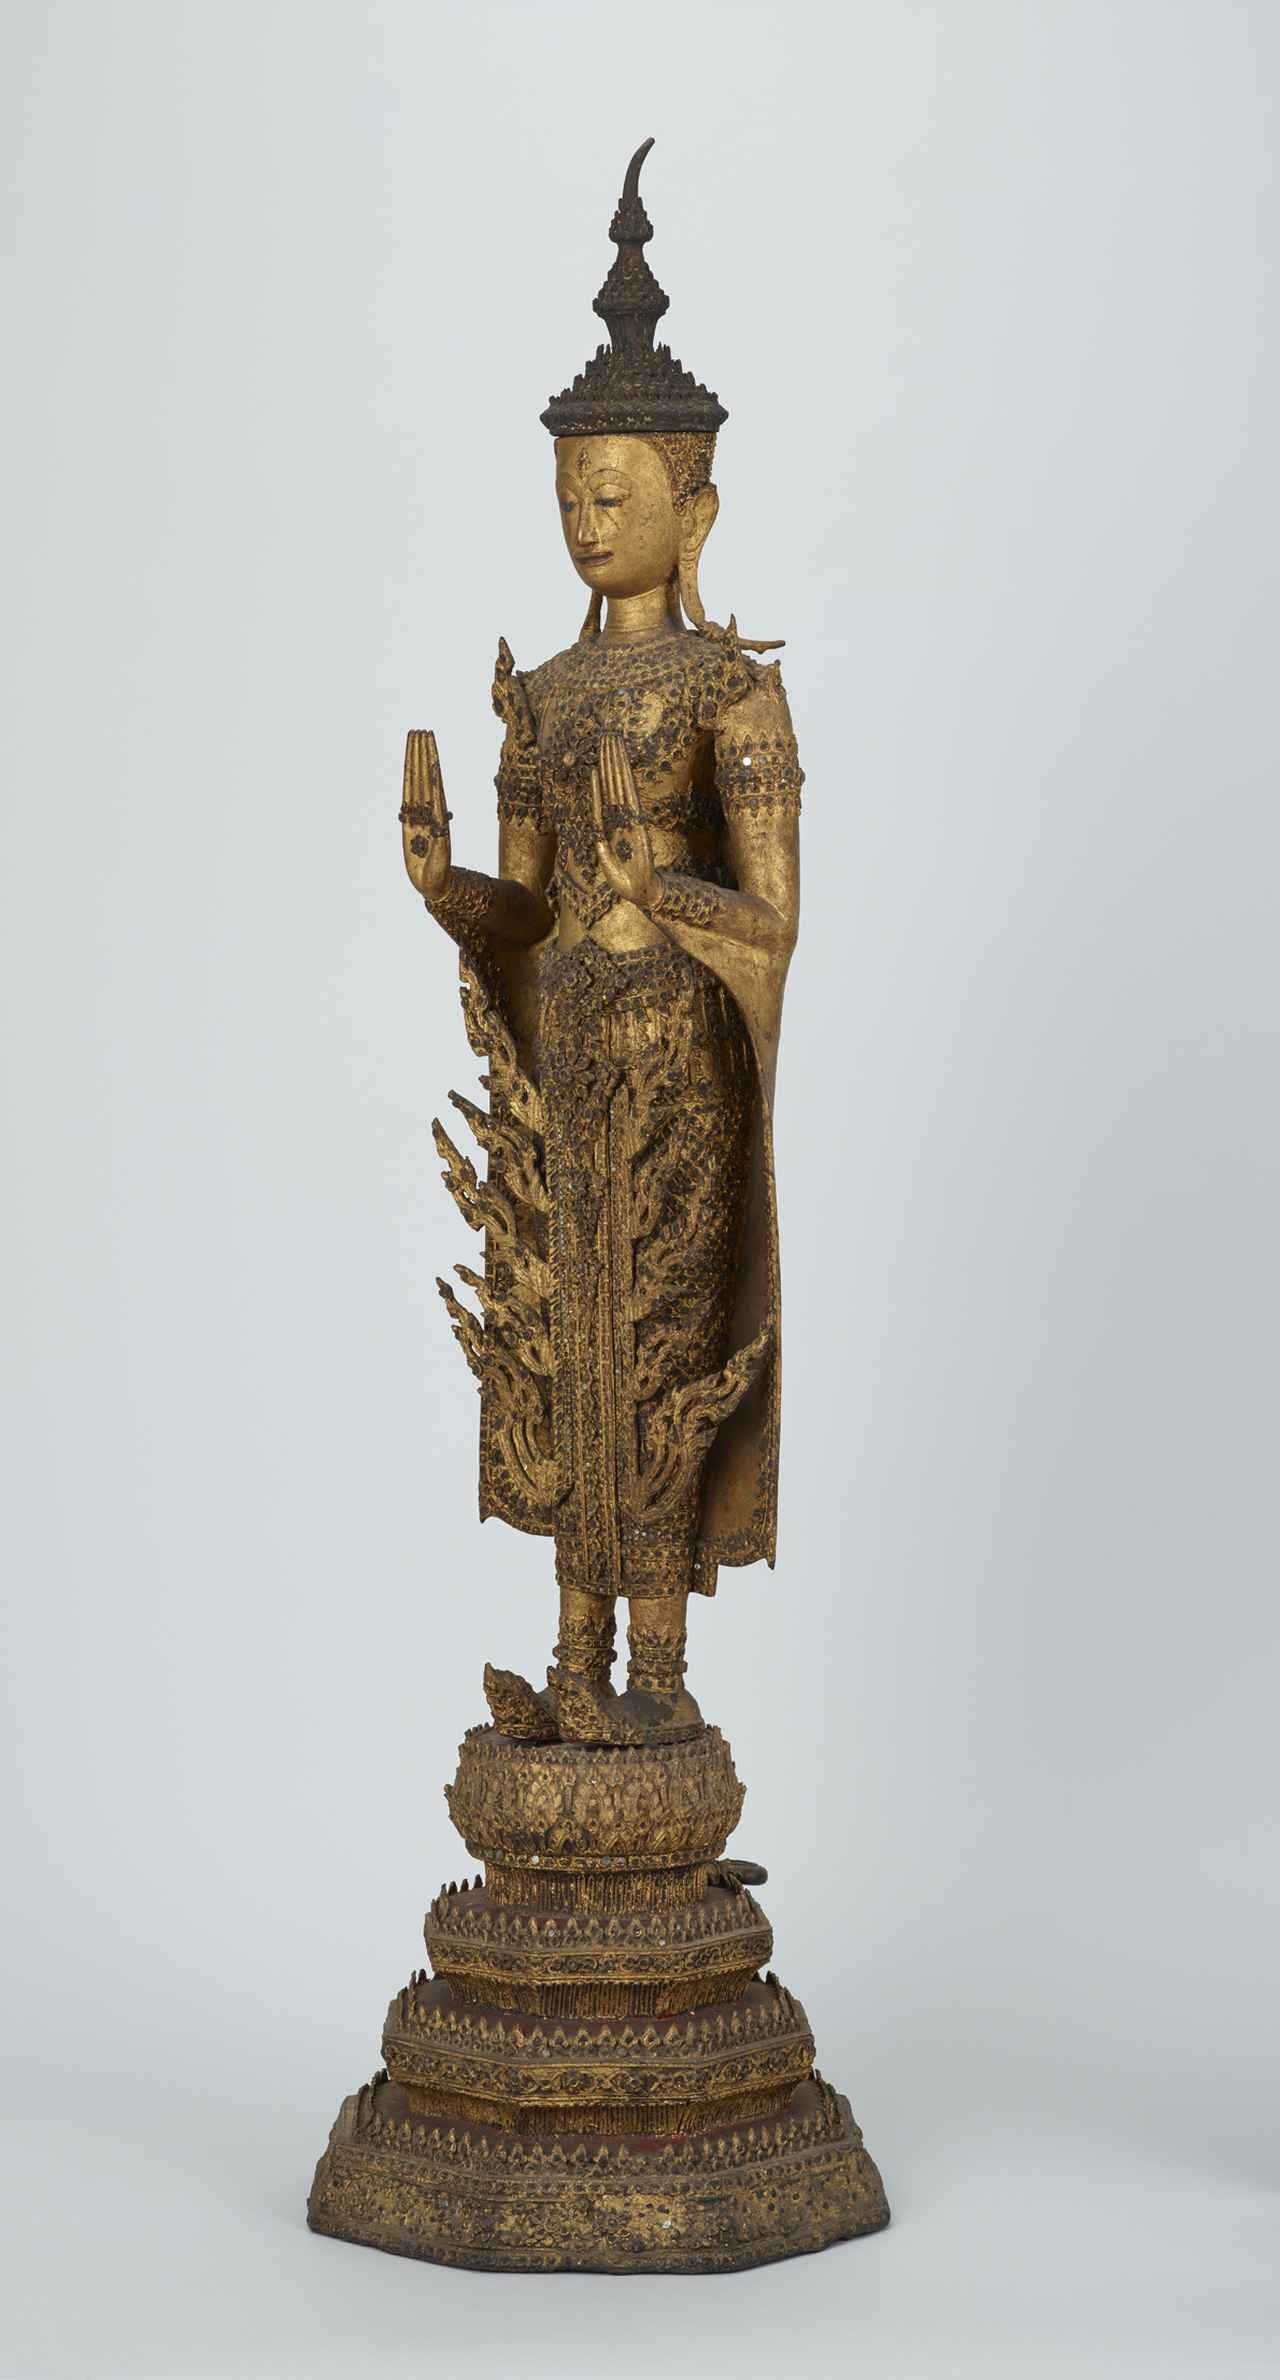 画像: 《宝冠仏立像》 タイ・ラタナコーシン時代・19世紀 東京・大倉集古館所蔵